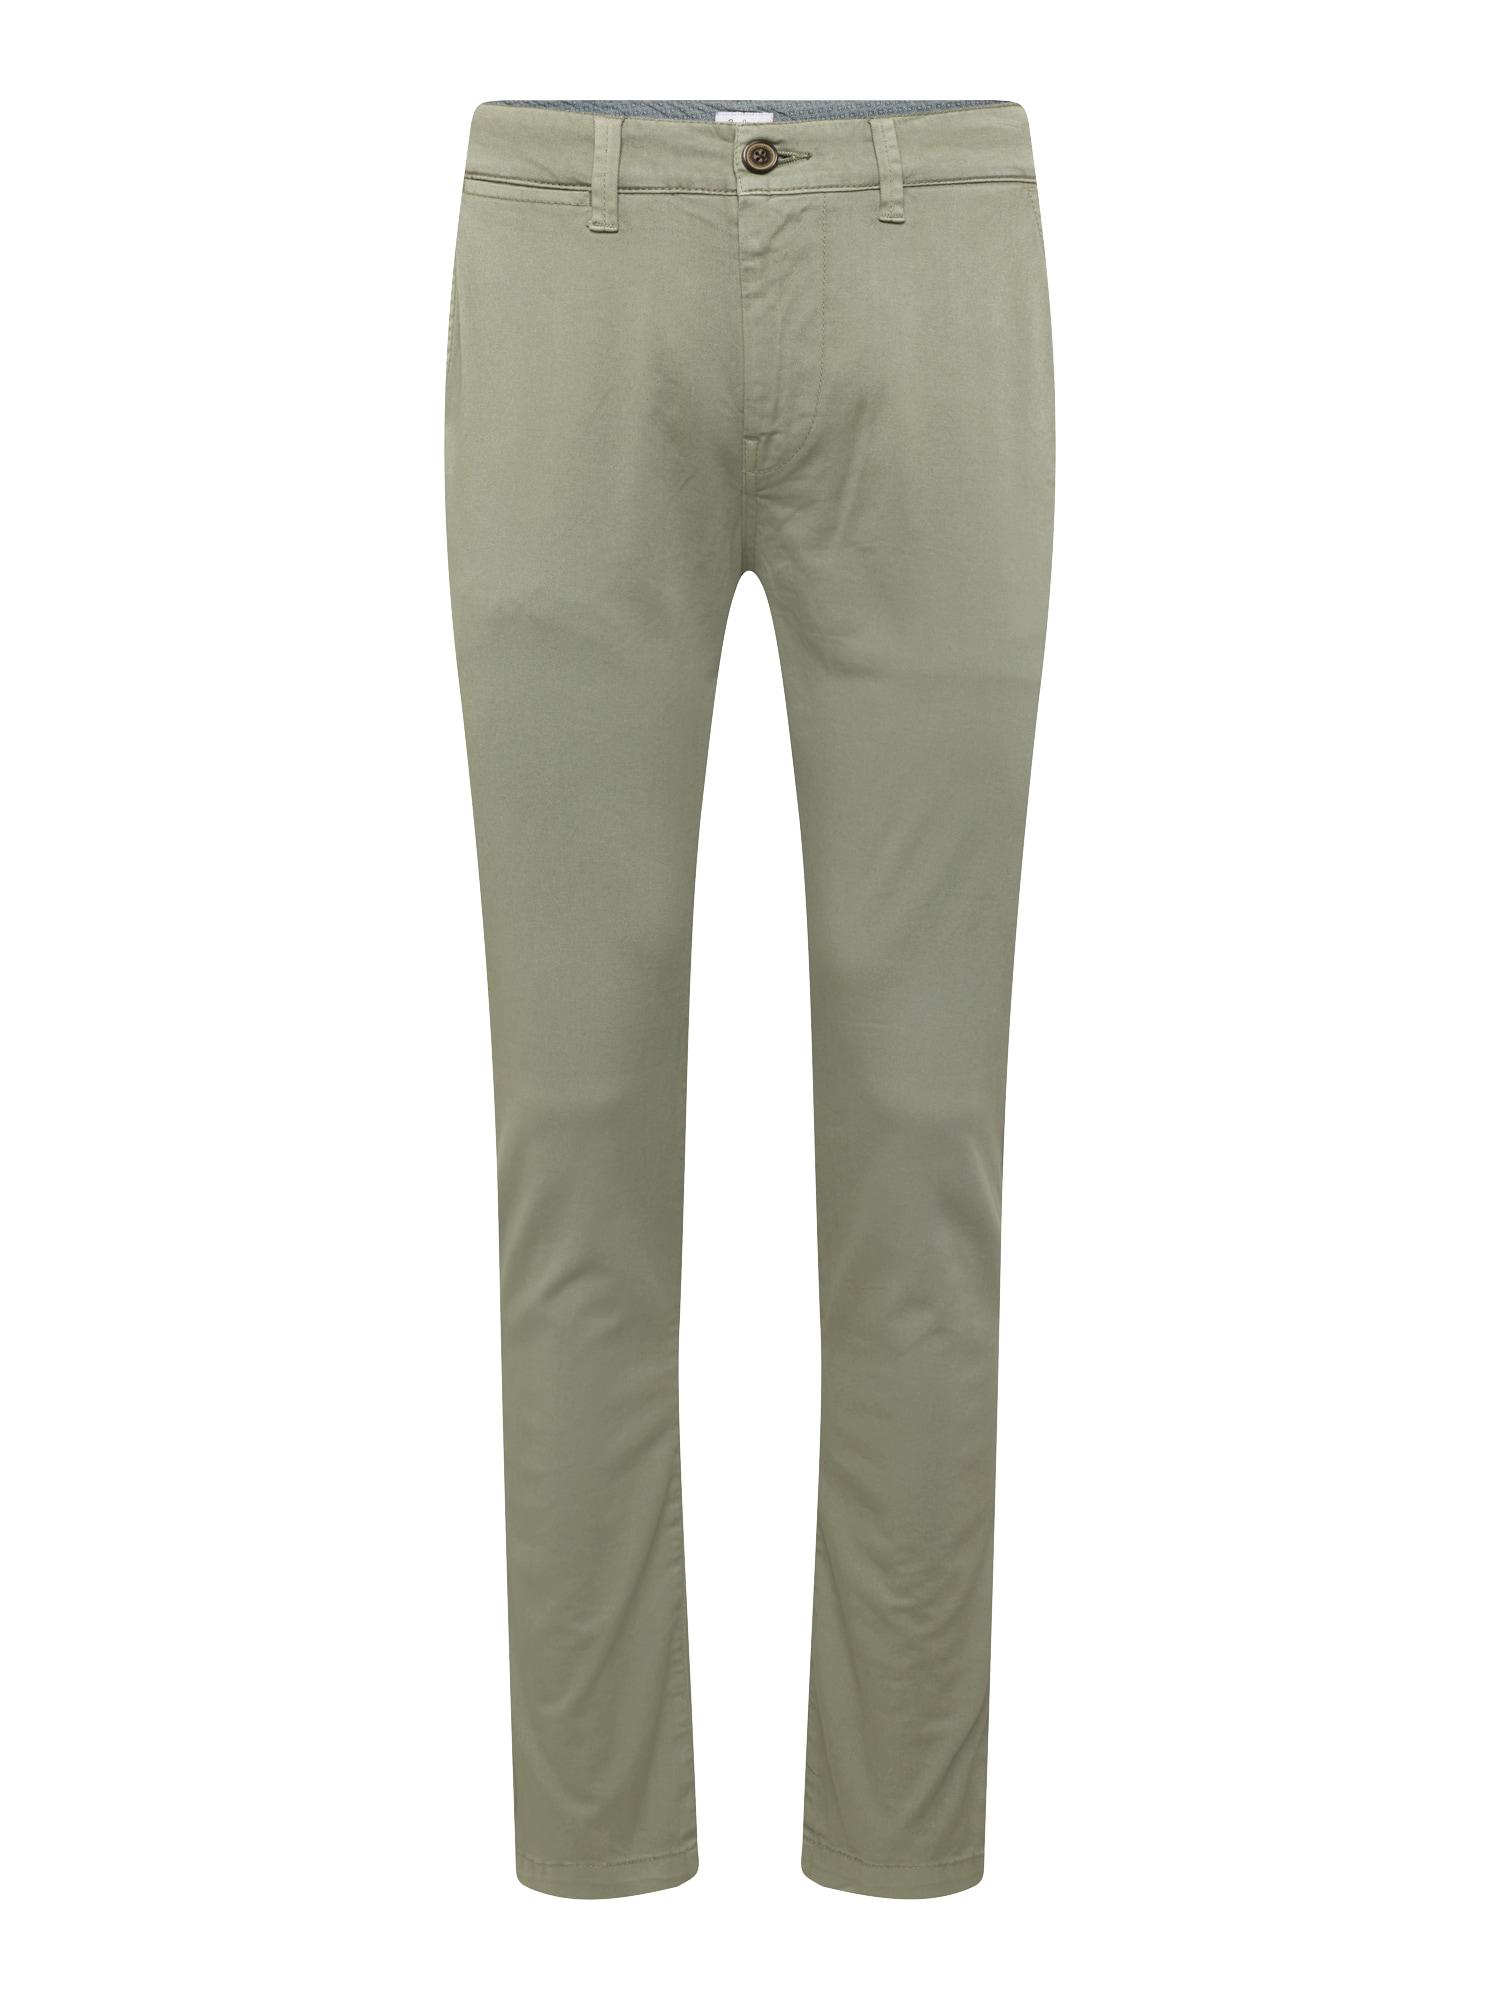 Chino kalhoty Sloane olivová Pepe Jeans